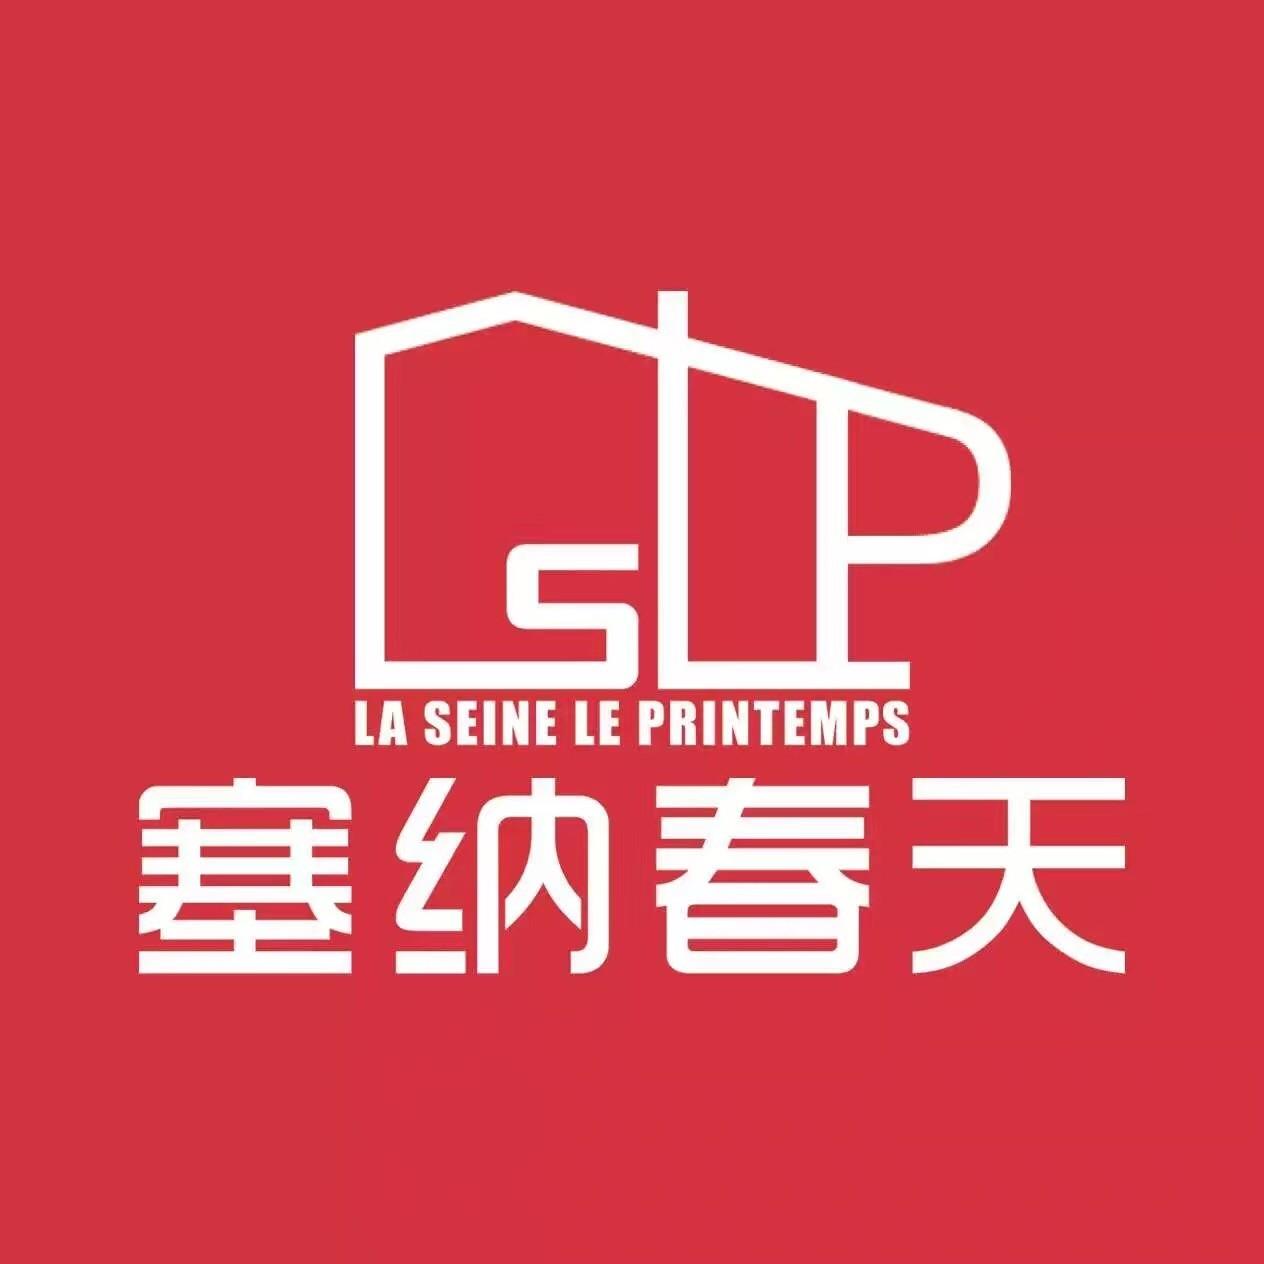 室内设计师_信阳市塞纳春天装饰招聘海报设计psd素材6图片